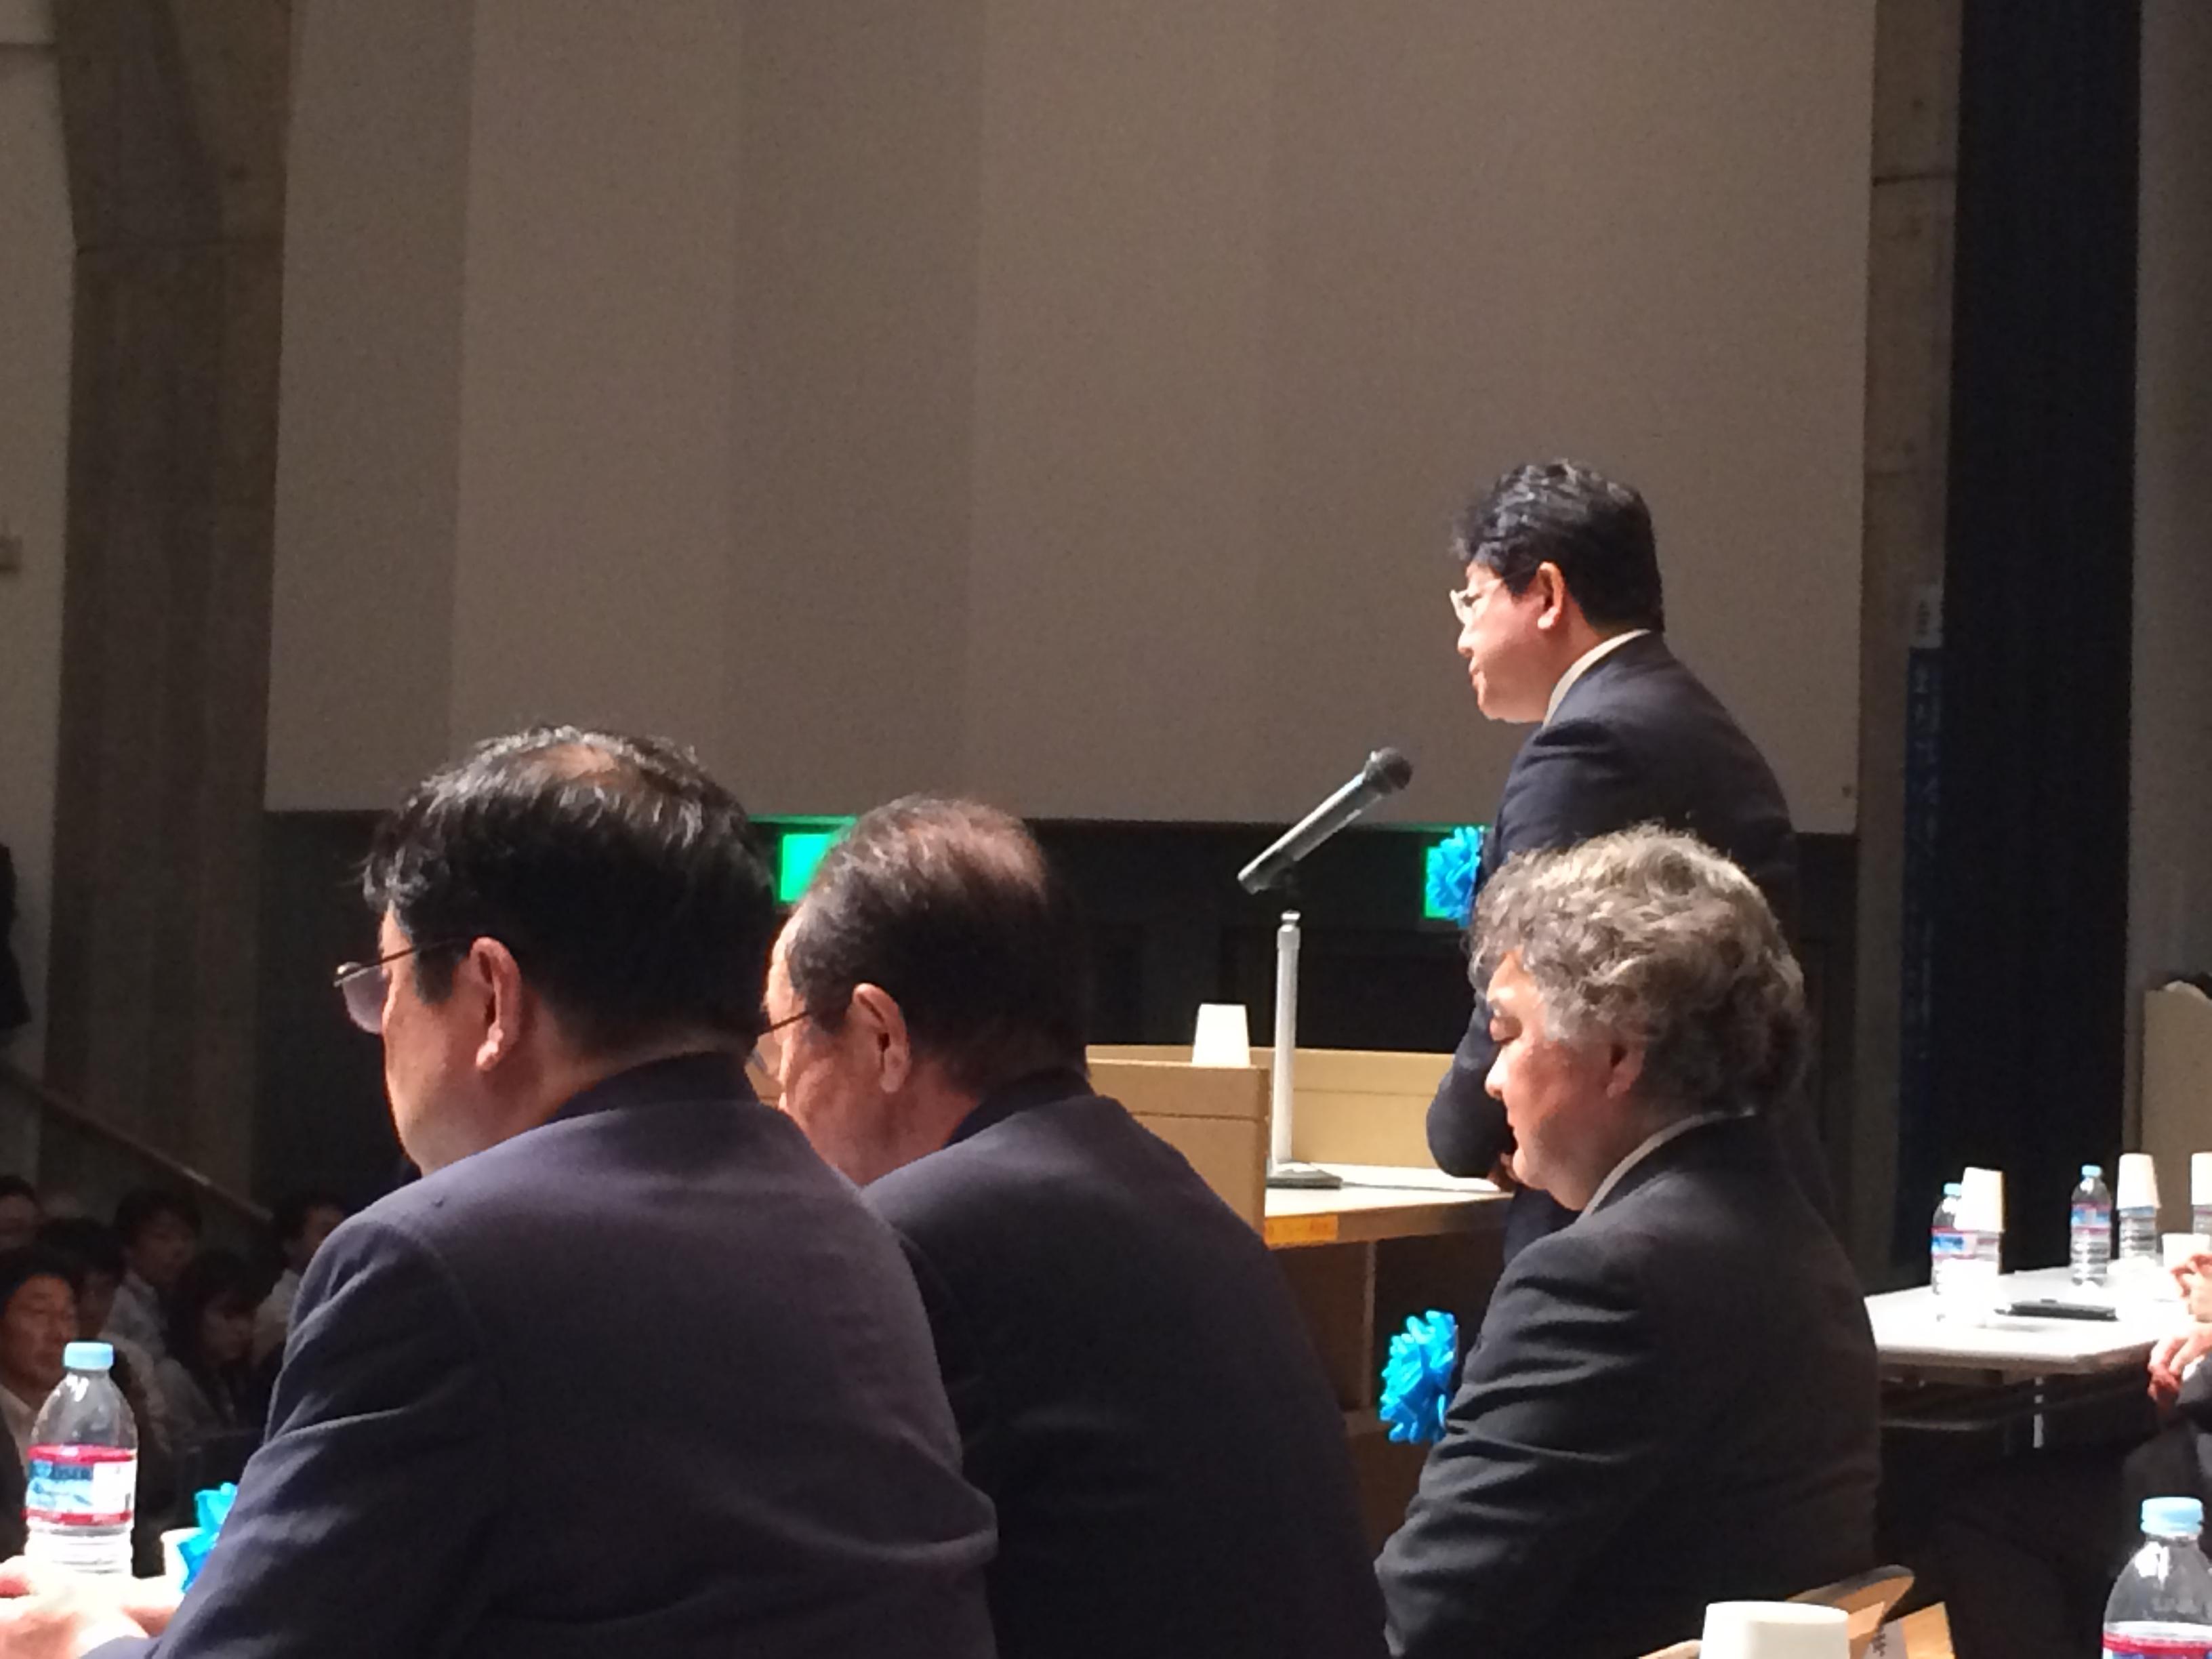 細田健一-衆議院議員 自由民主党 新潟2区細田けんいちの活動ブログ 目まぐるしくも 充実した一日